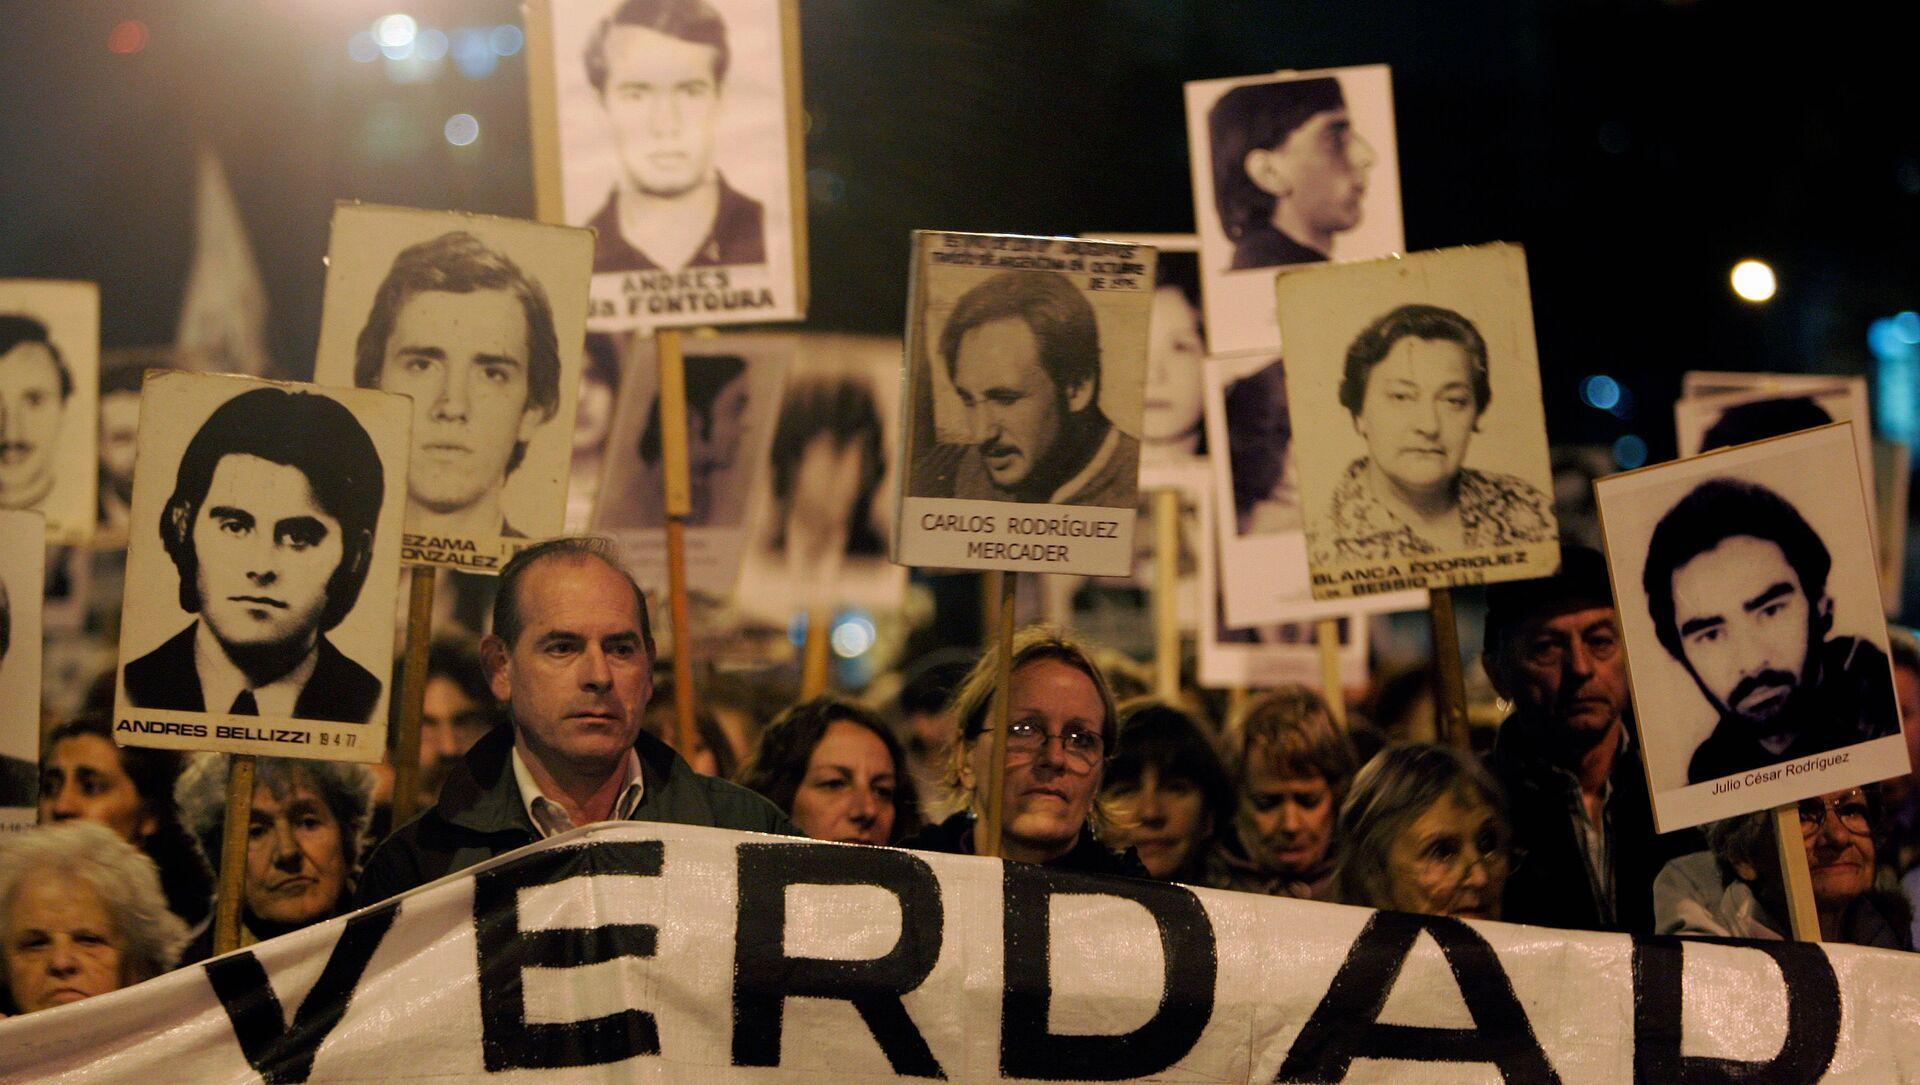 Marcha de Silencio en conmemoración de las víctimas de la dictadura de 1973-1985, 20 de mayo de 2088, Montevideo, Uruguay - Sputnik Mundo, 1920, 18.06.2019